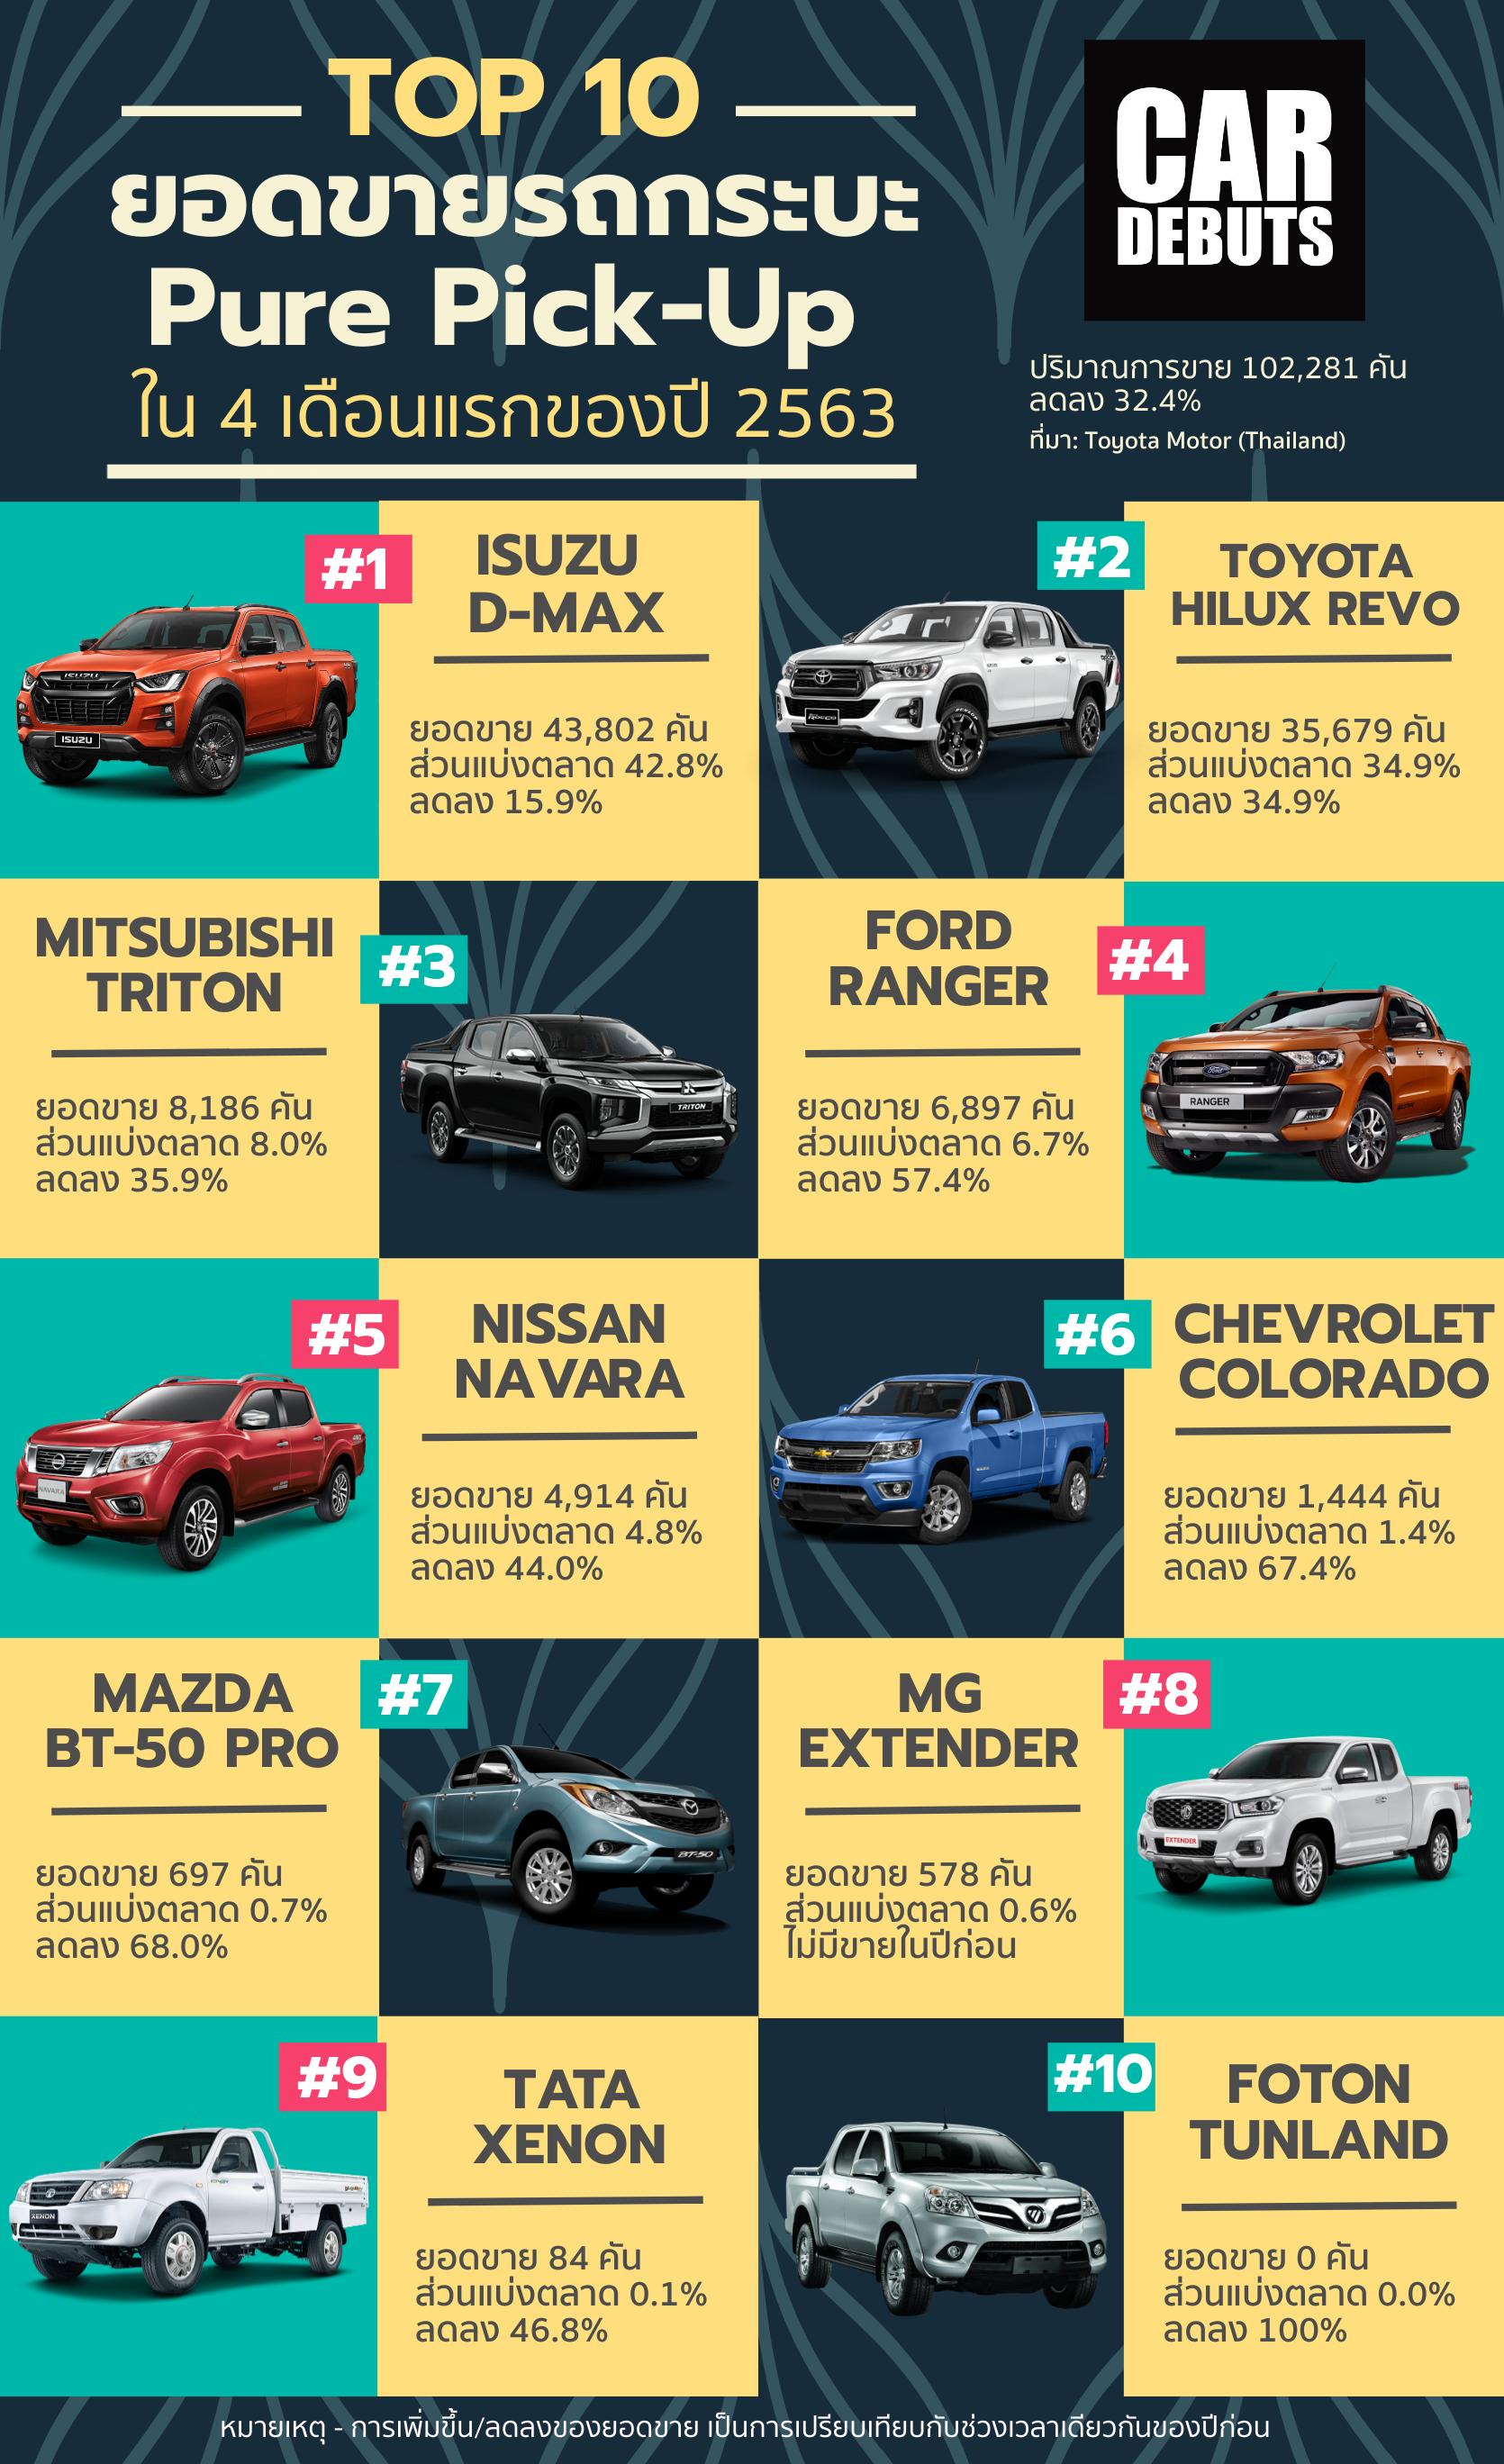 ยอดขายรถระบะ 4 เดือนแรก ปี 2563